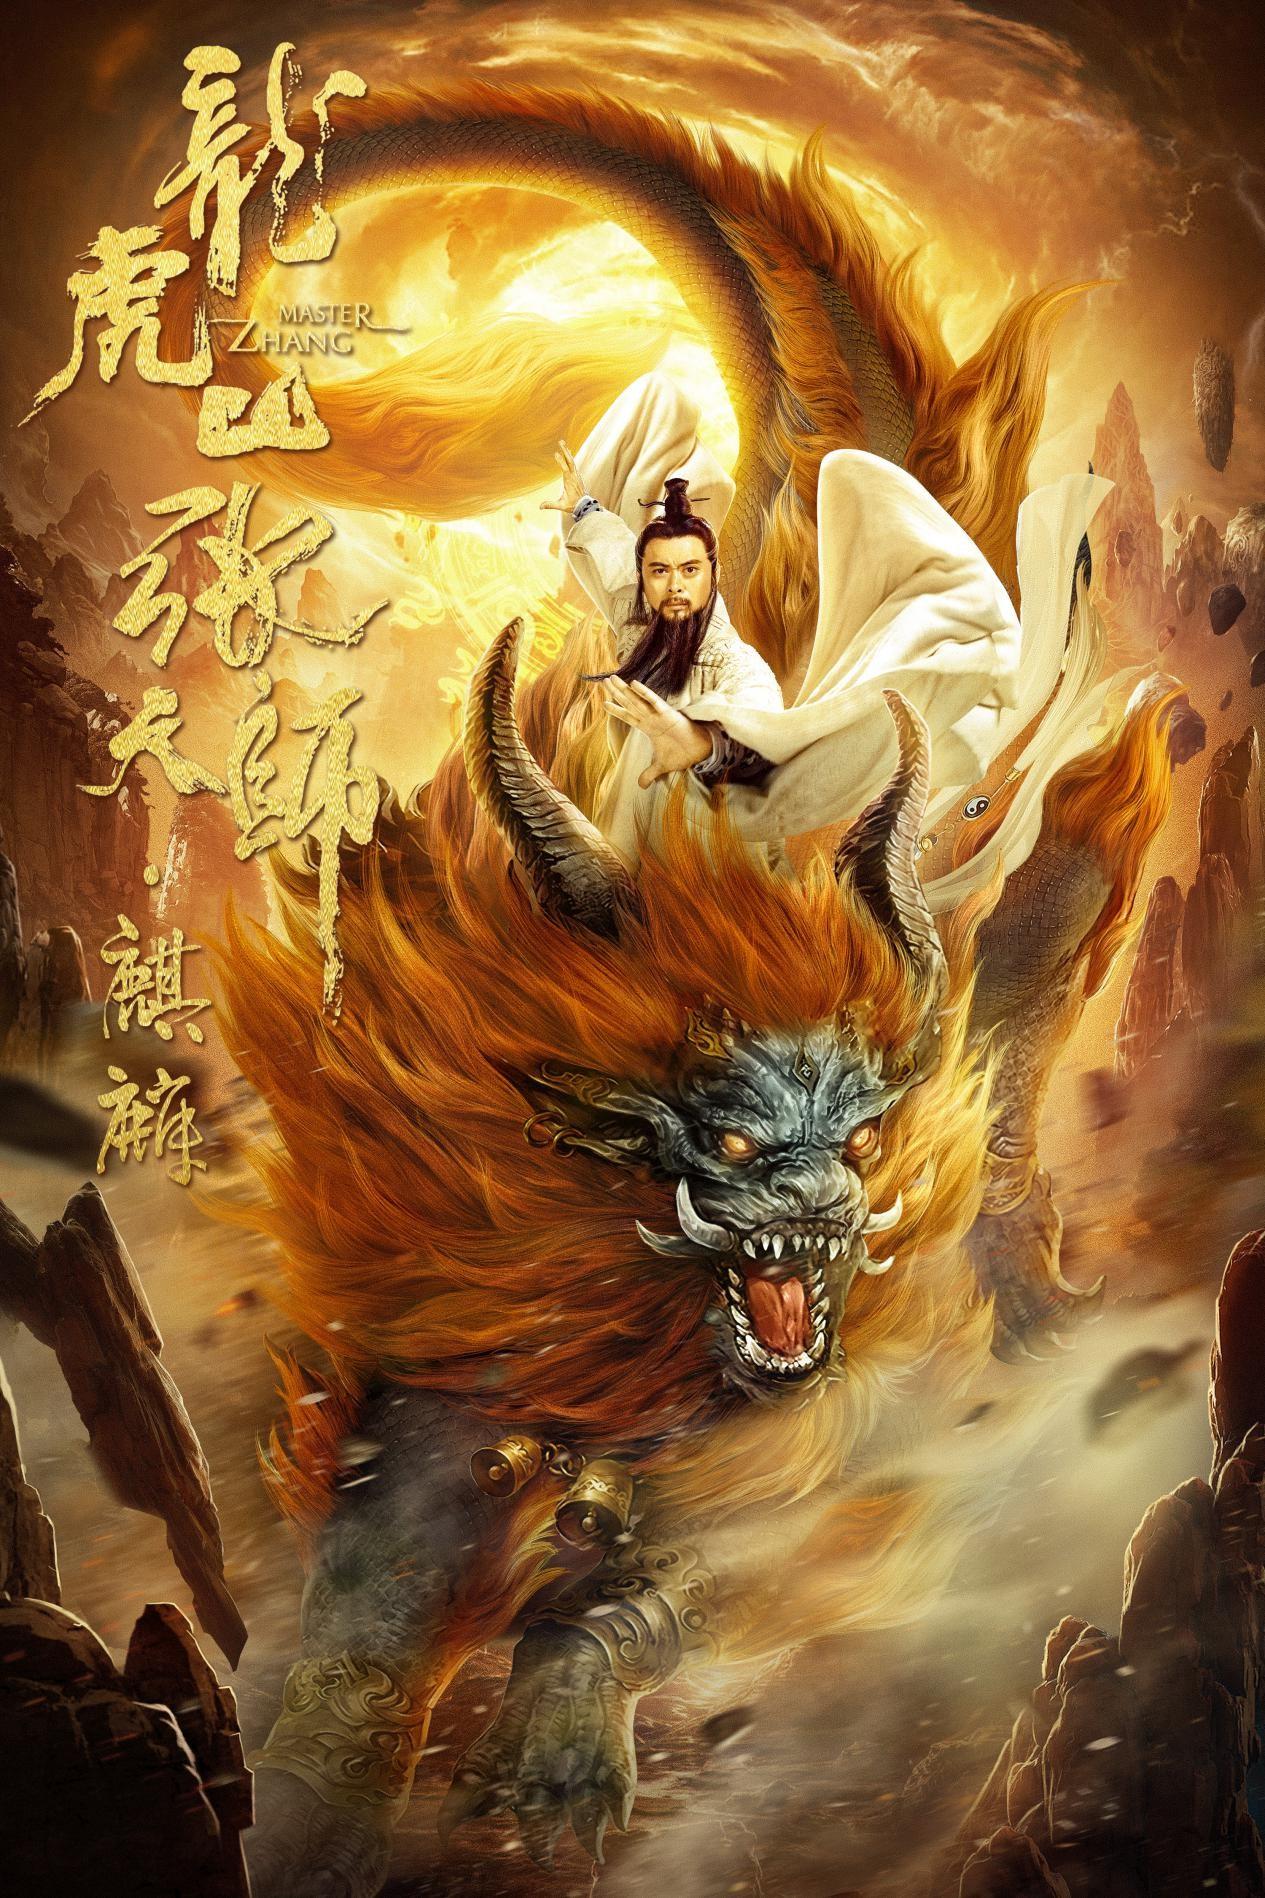 《龙虎山张天师·麒麟》定档12月24日 樊少皇化身石天詹麒麟